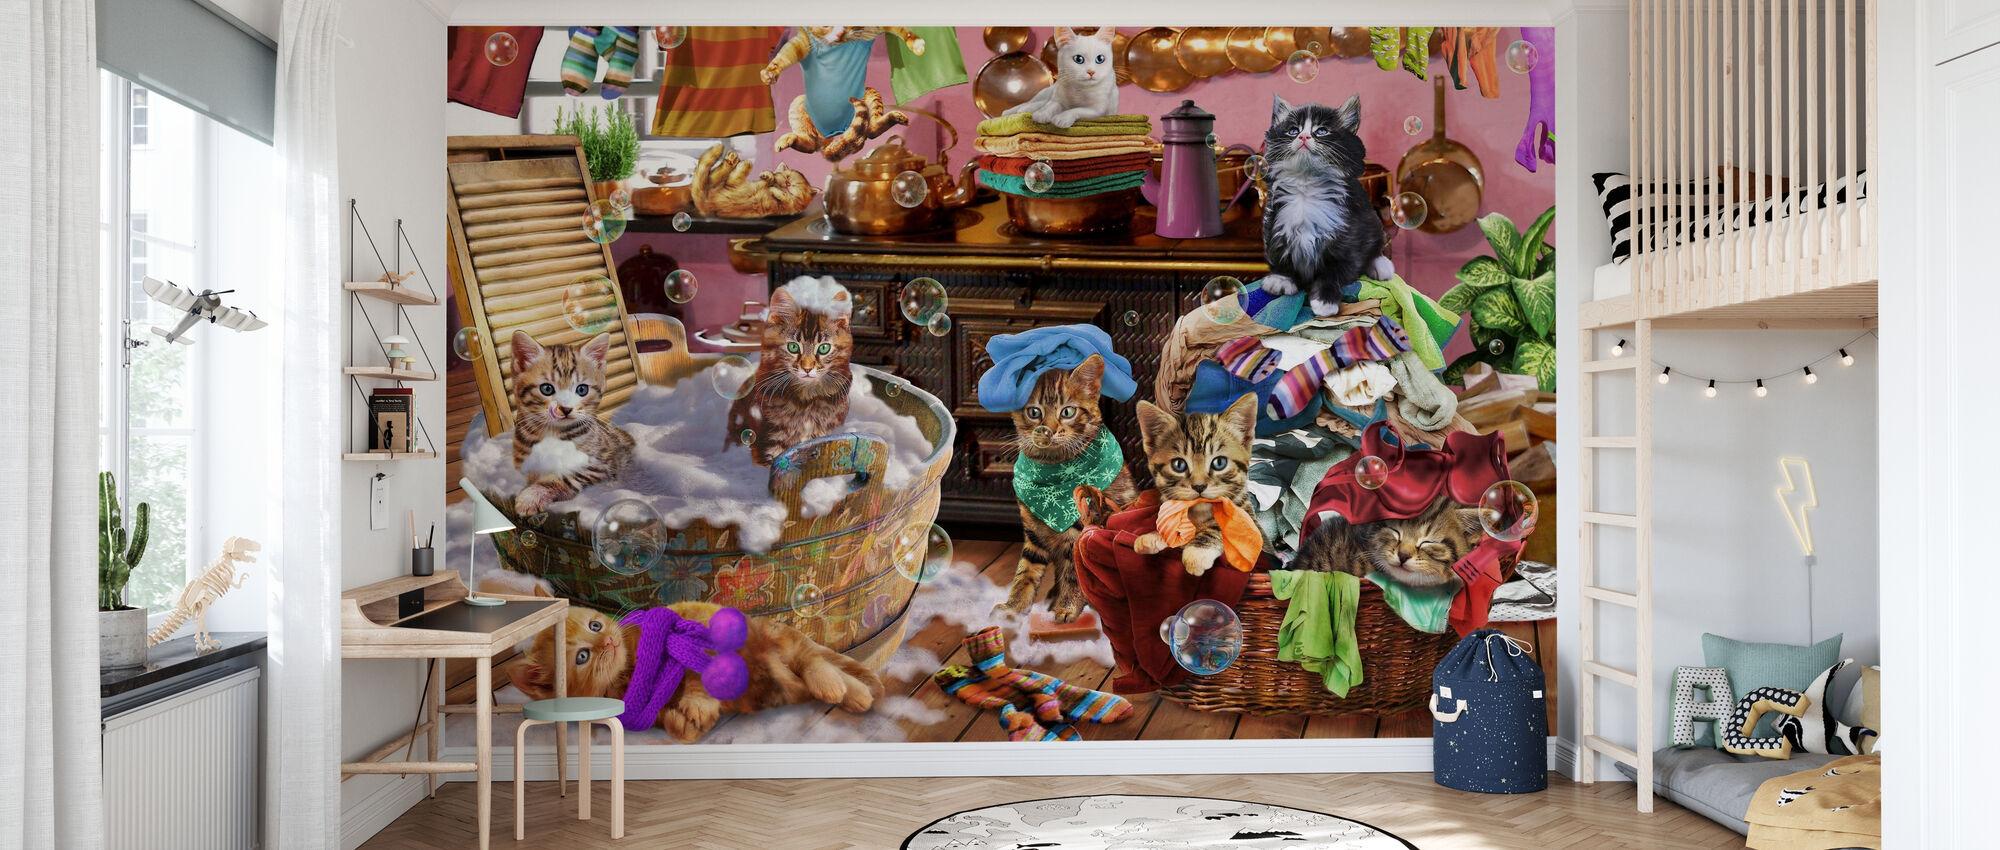 Kätzchen in der Küche - Tapete - Kinderzimmer